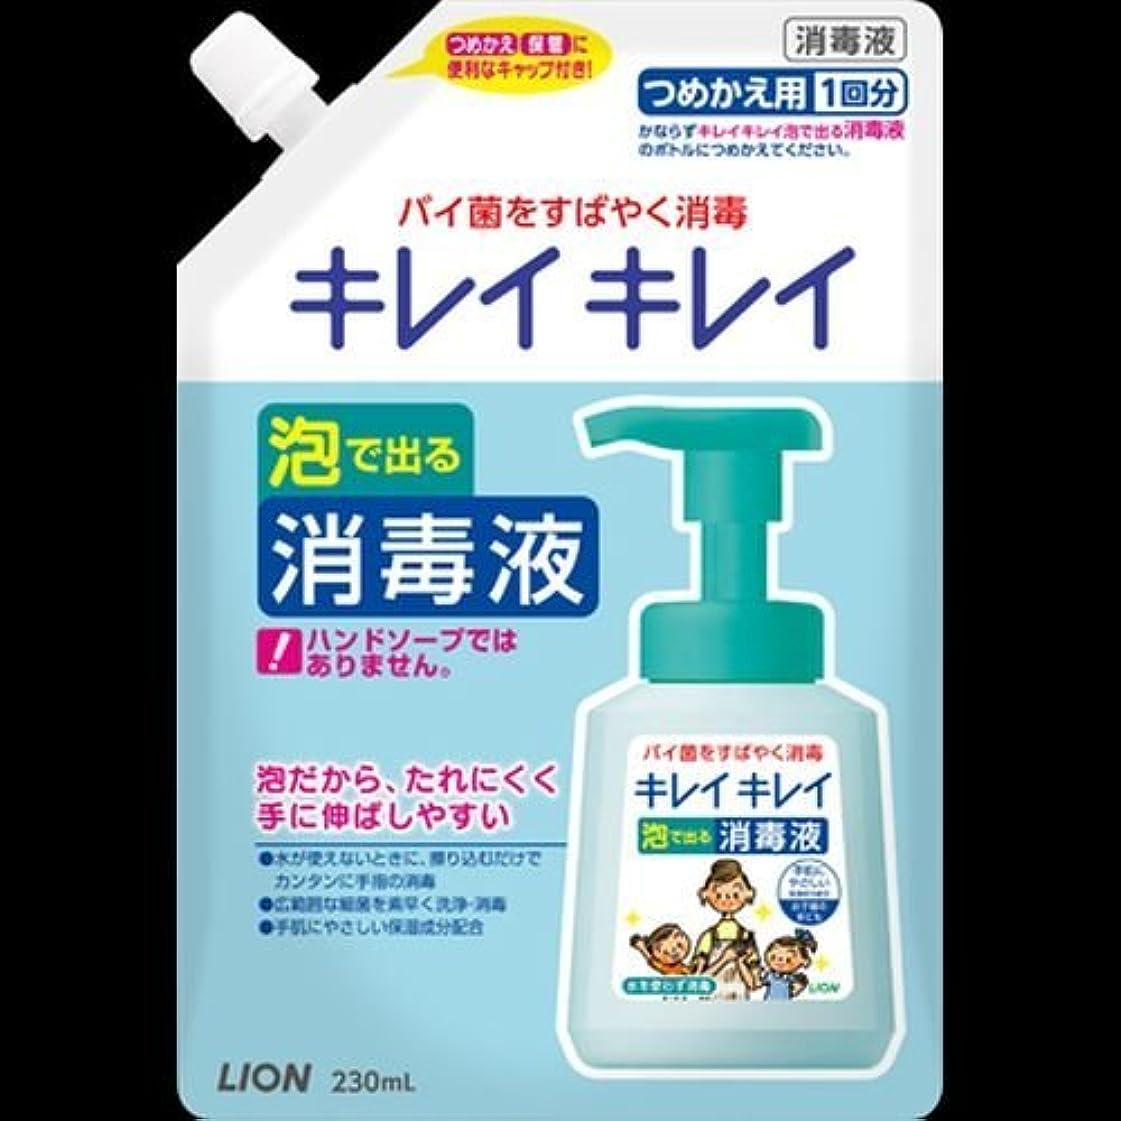 形成ほのめかすキロメートルキレイキレイ 薬用泡ででる消毒液 つめかえ用 230mL ×2セット